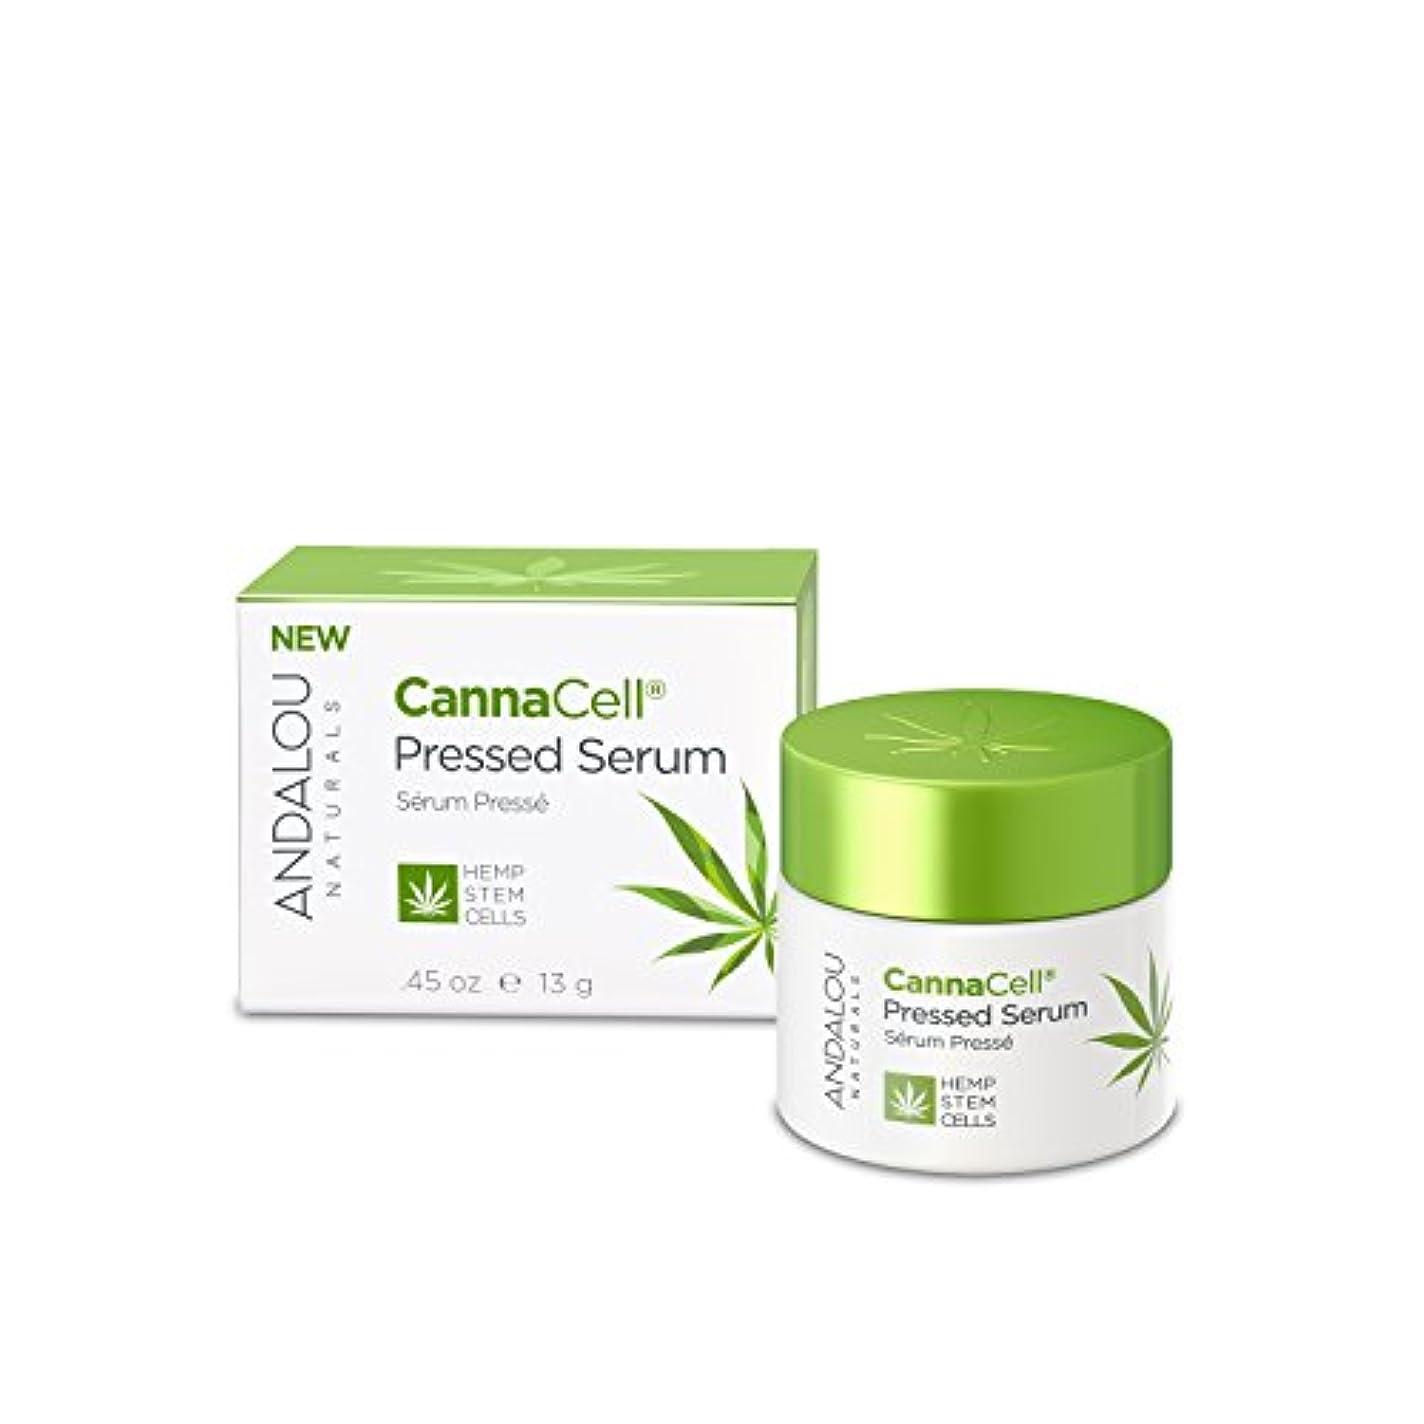 間影響力のある物足りないオーガニック ボタニカル 美容液 セラム ナチュラル フルーツ幹細胞 ヘンプ幹細胞 「 CannaCell® プレストセラム 」 ANDALOU naturals アンダルー ナチュラルズ